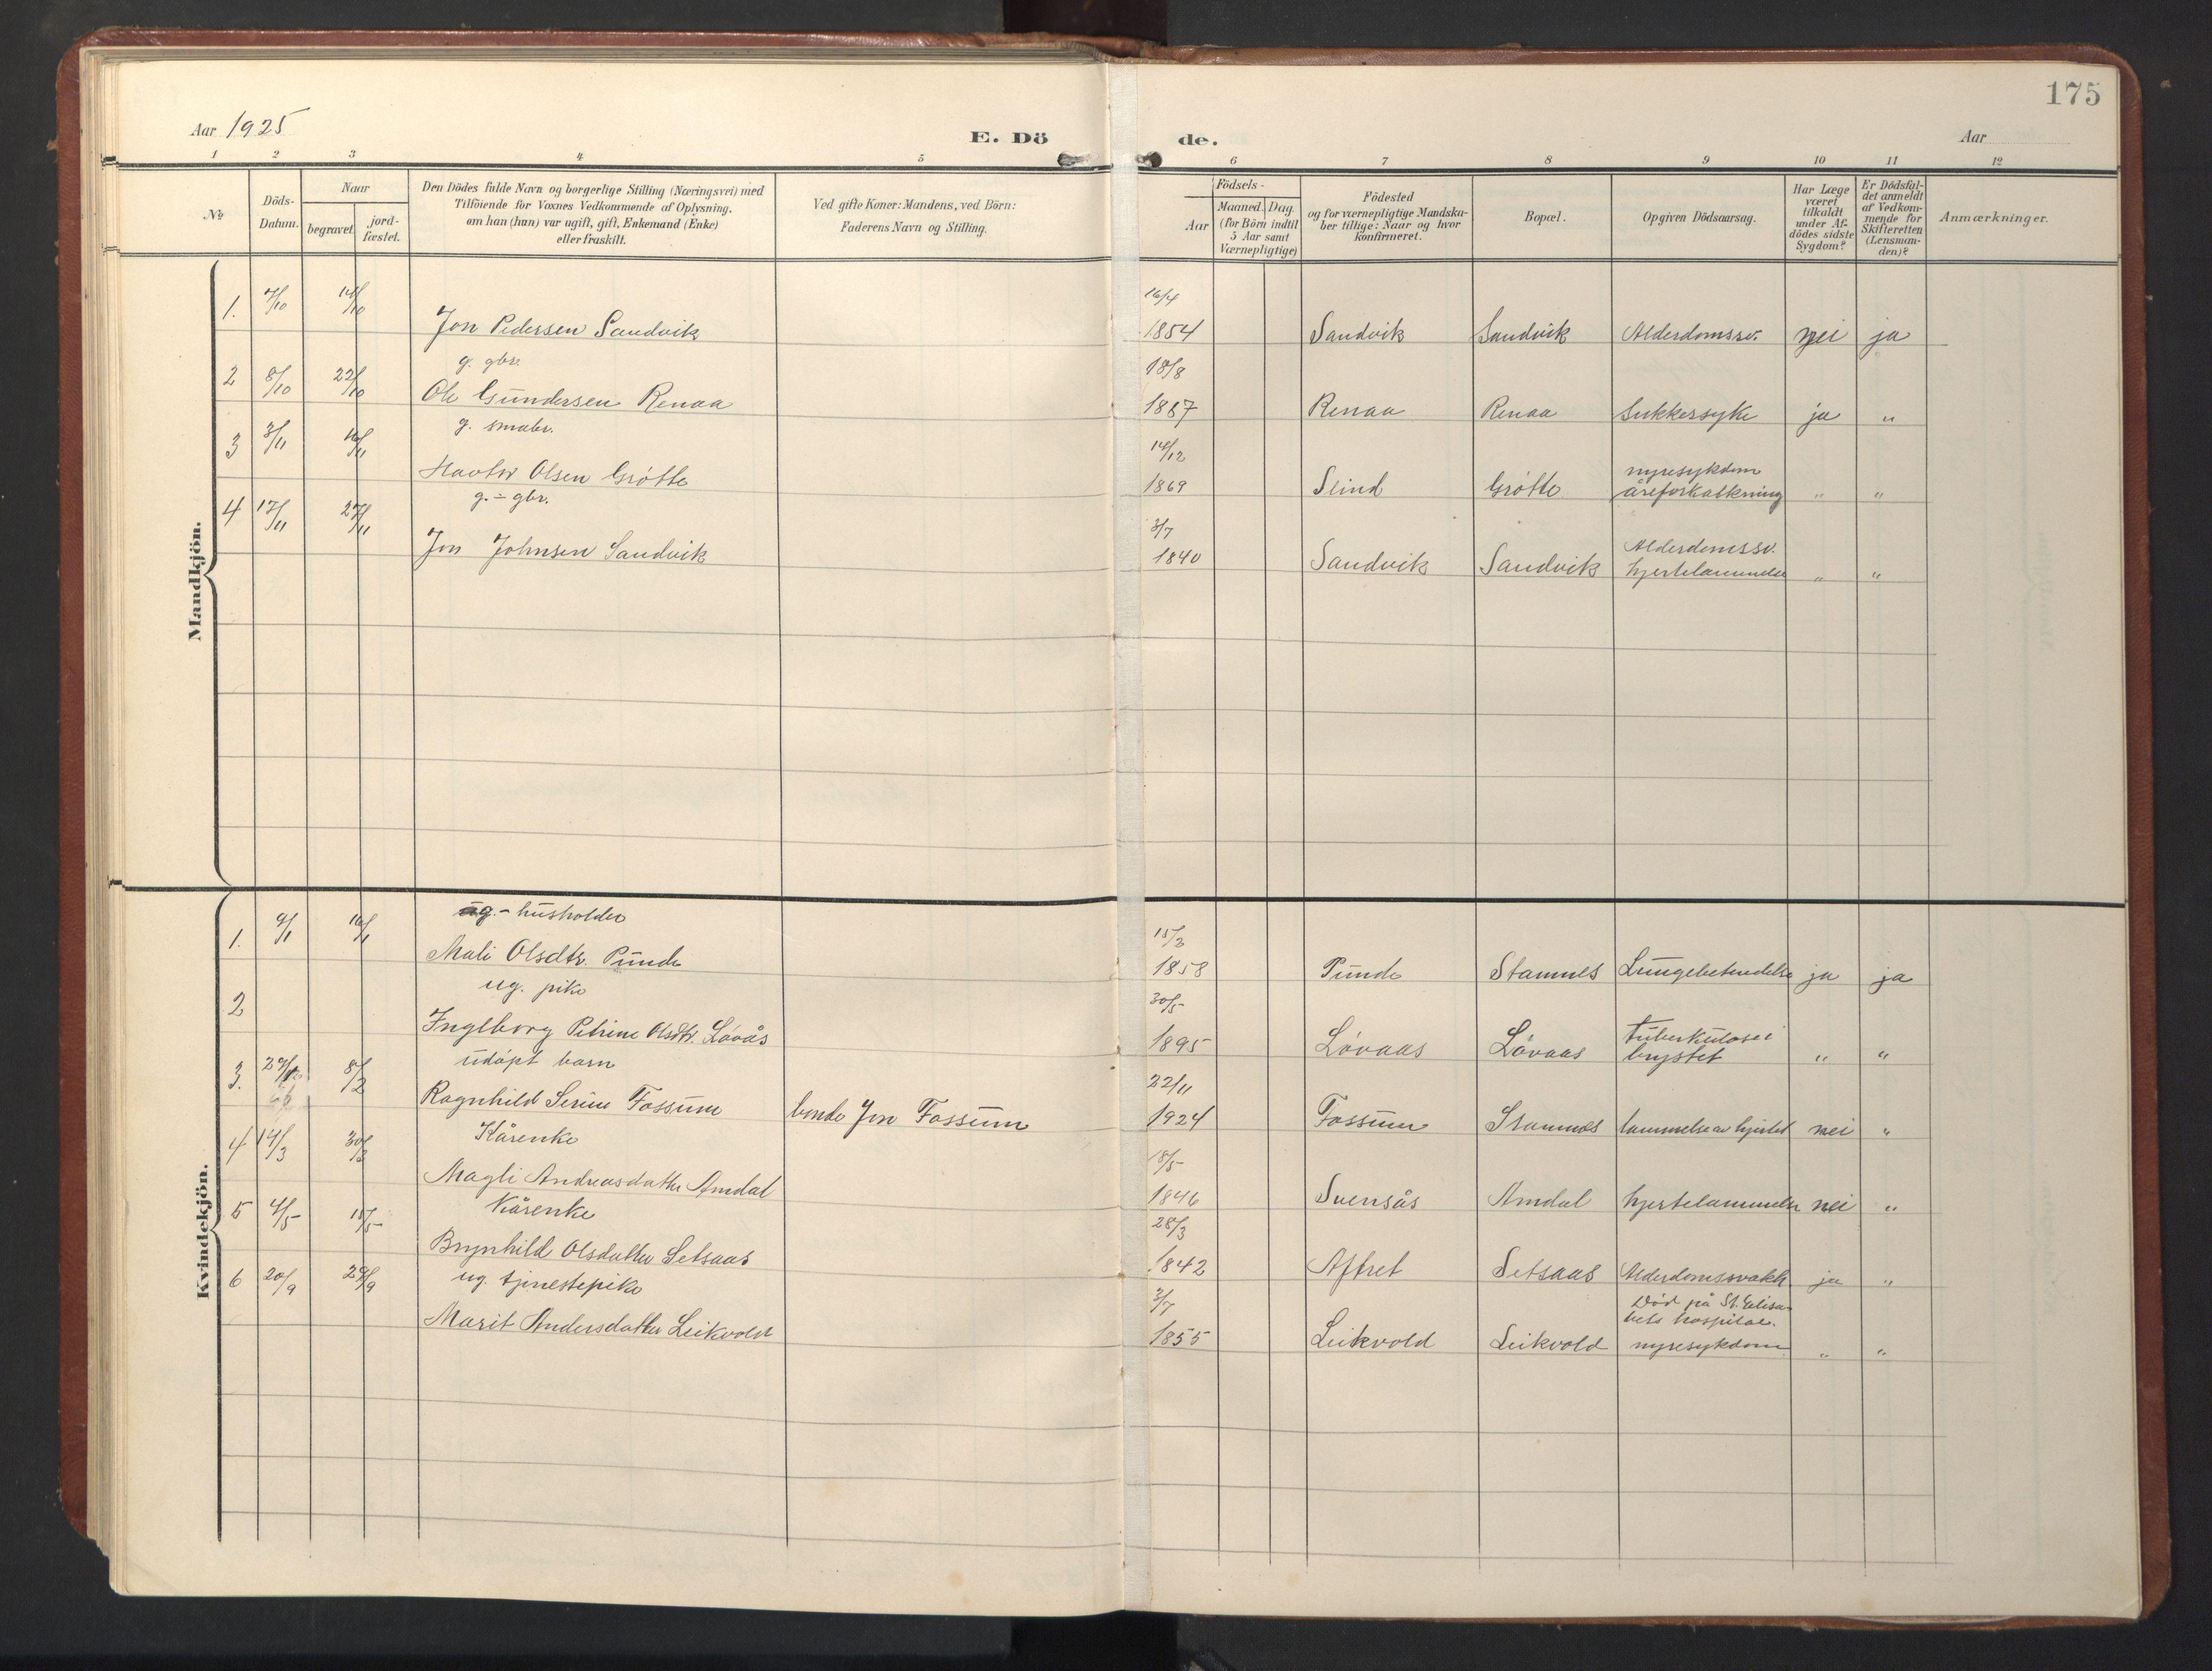 SAT, Ministerialprotokoller, klokkerbøker og fødselsregistre - Sør-Trøndelag, 696/L1161: Klokkerbok nr. 696C01, 1902-1950, s. 175